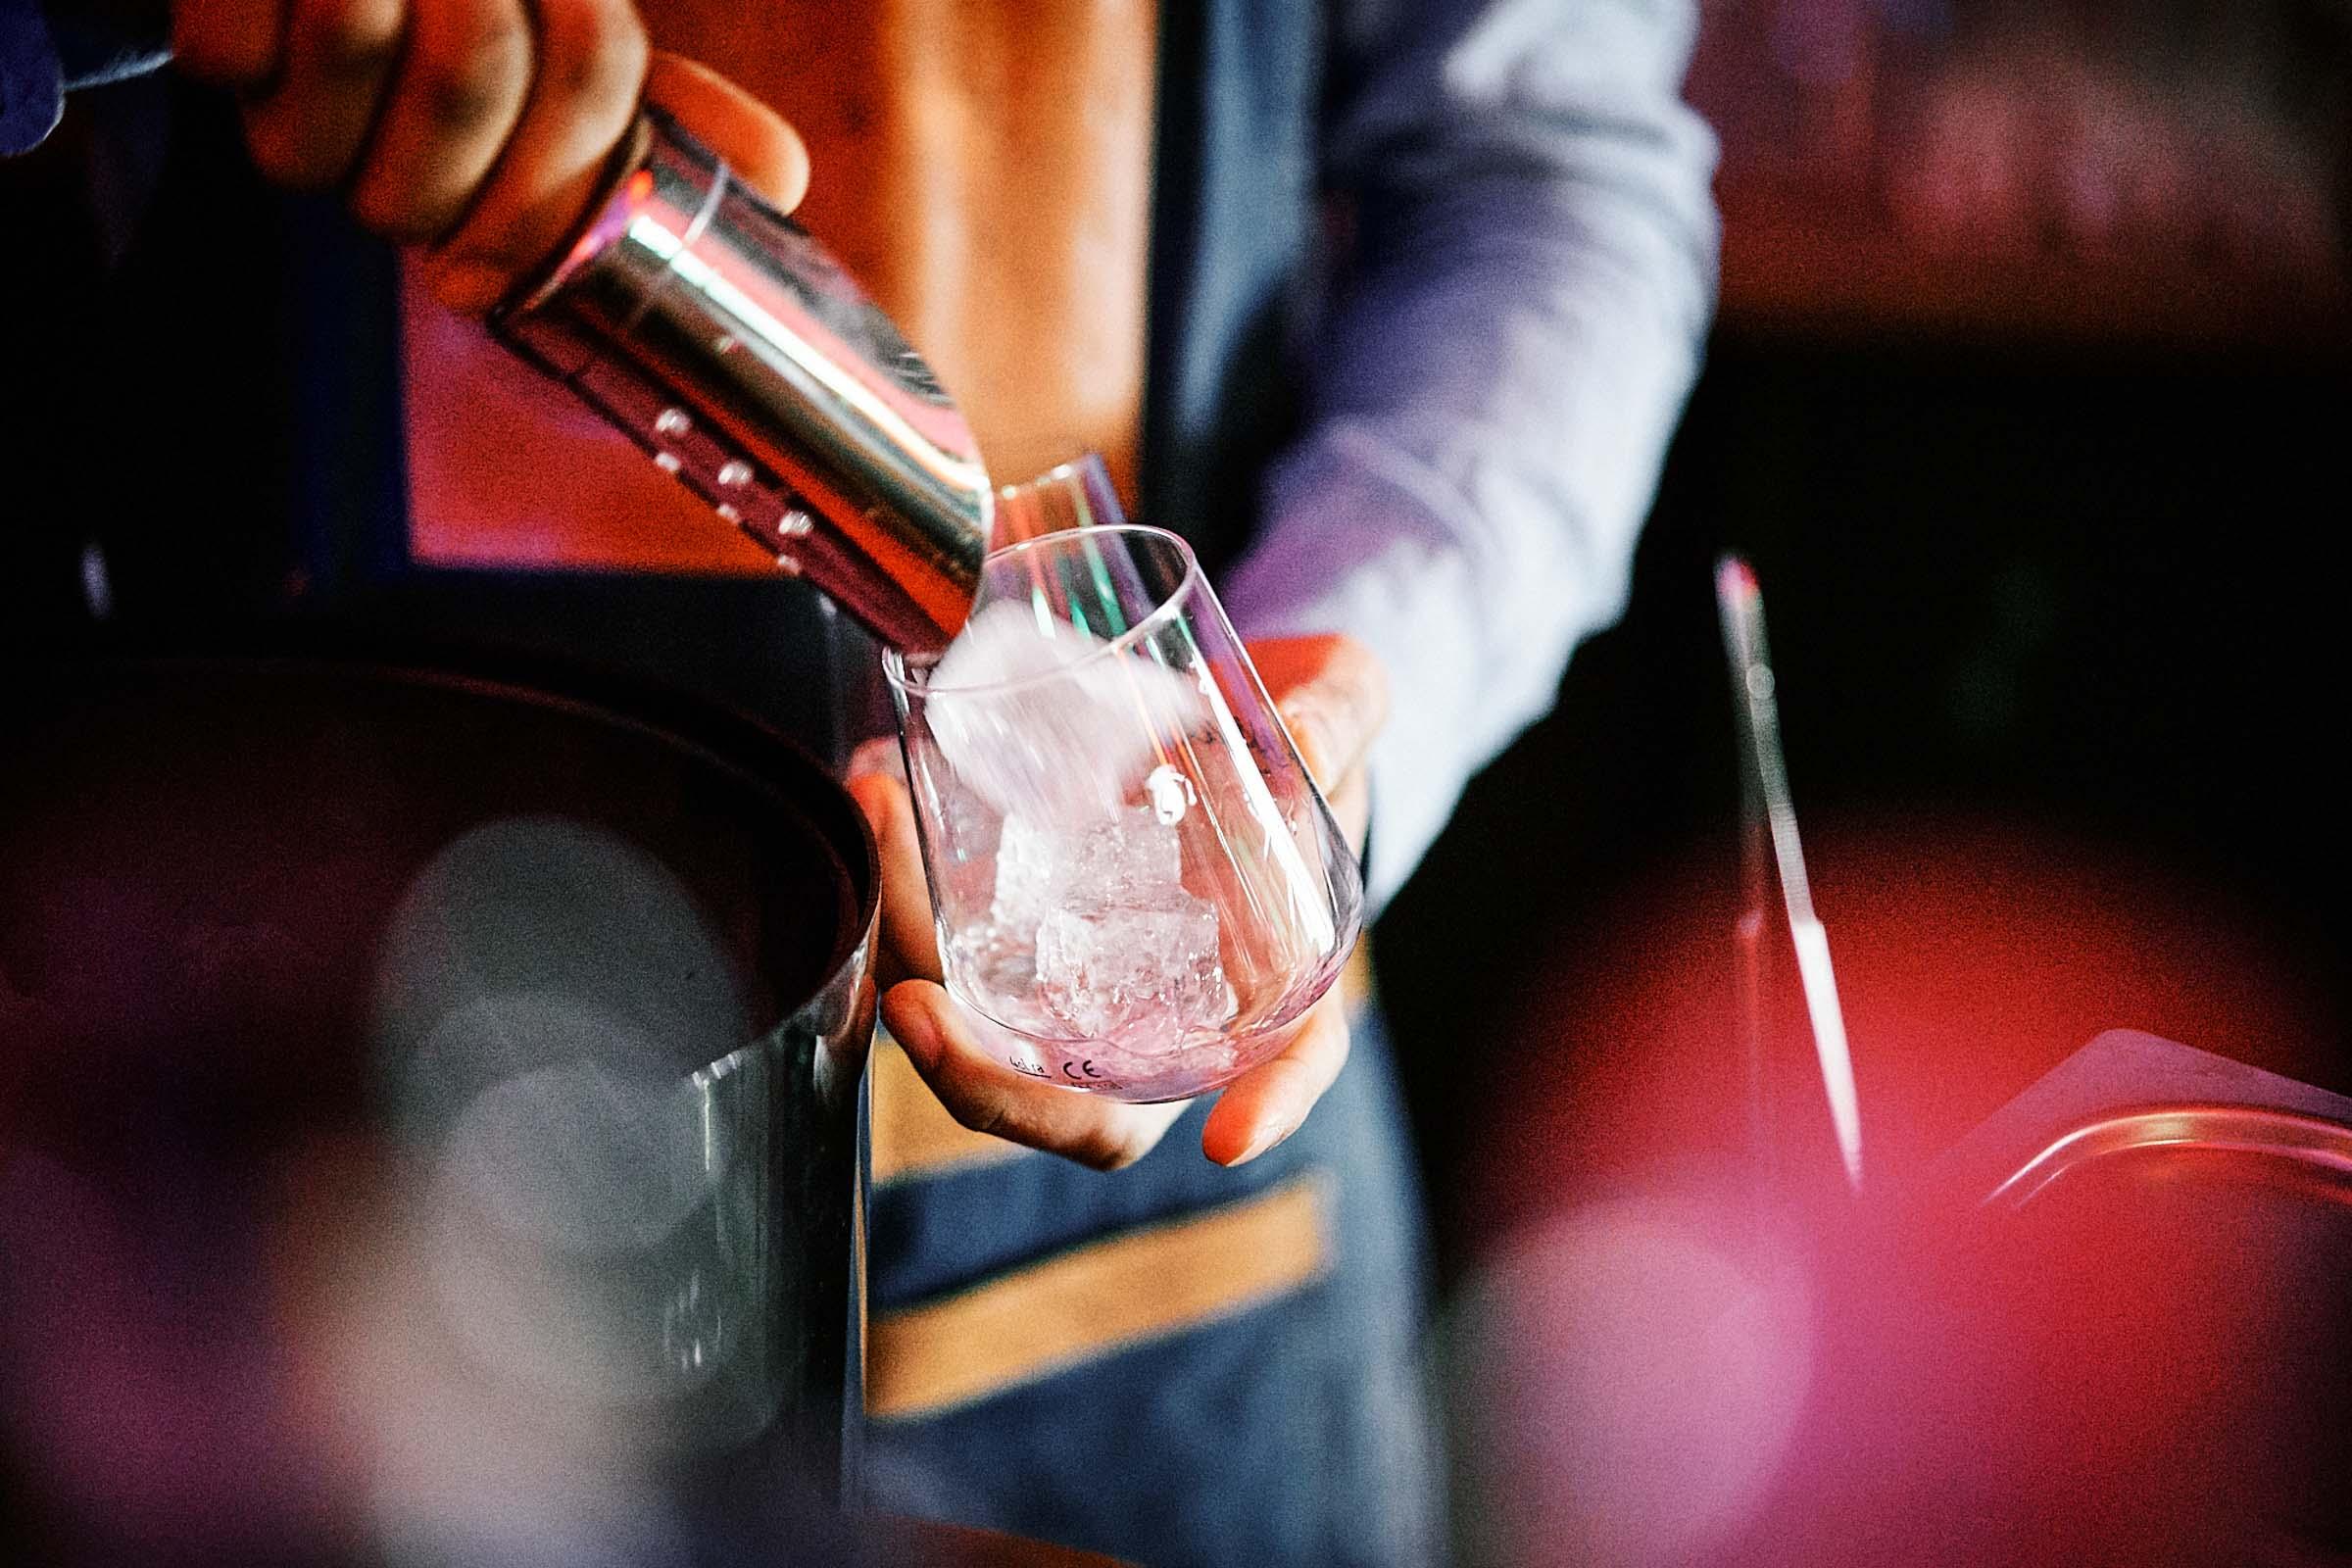 Mobile | Cocktailbar | Hochzeit | Sektempfang | Barkeeper | Buchen | Mieten | Geburtstag | Ape | VW | Bar | Getränke | Catering | Foodtruck | Ginbar | Weinbar | Sektbar | Kaffeebar | Messe | Firmenfeier